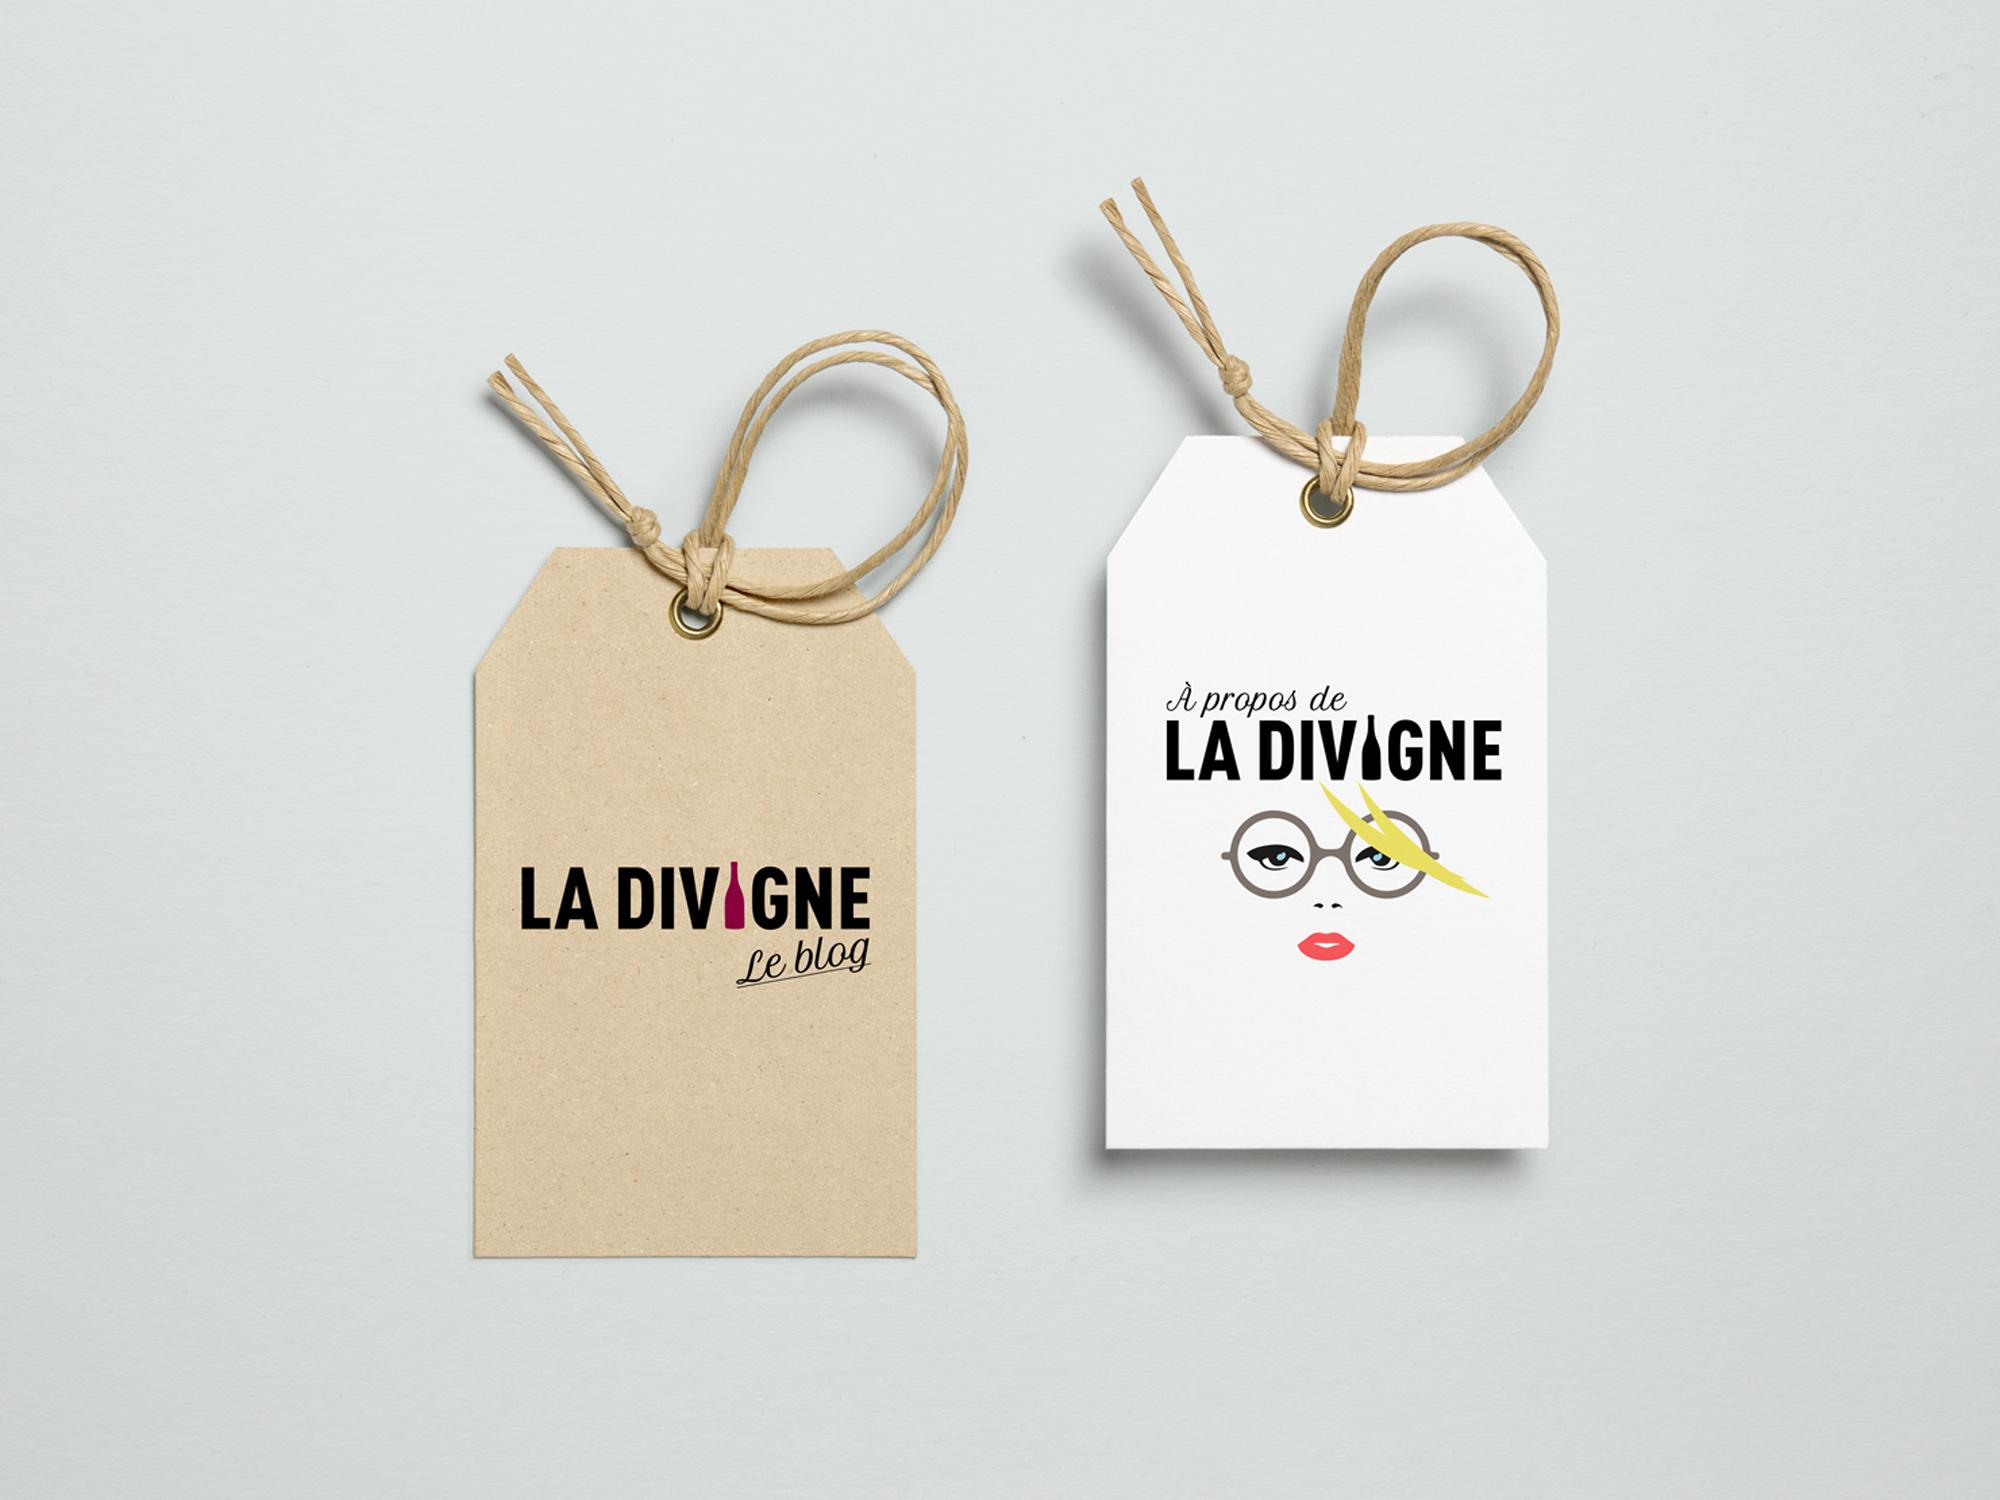 Blog de La Divigne création de l'identité visuelle, logo